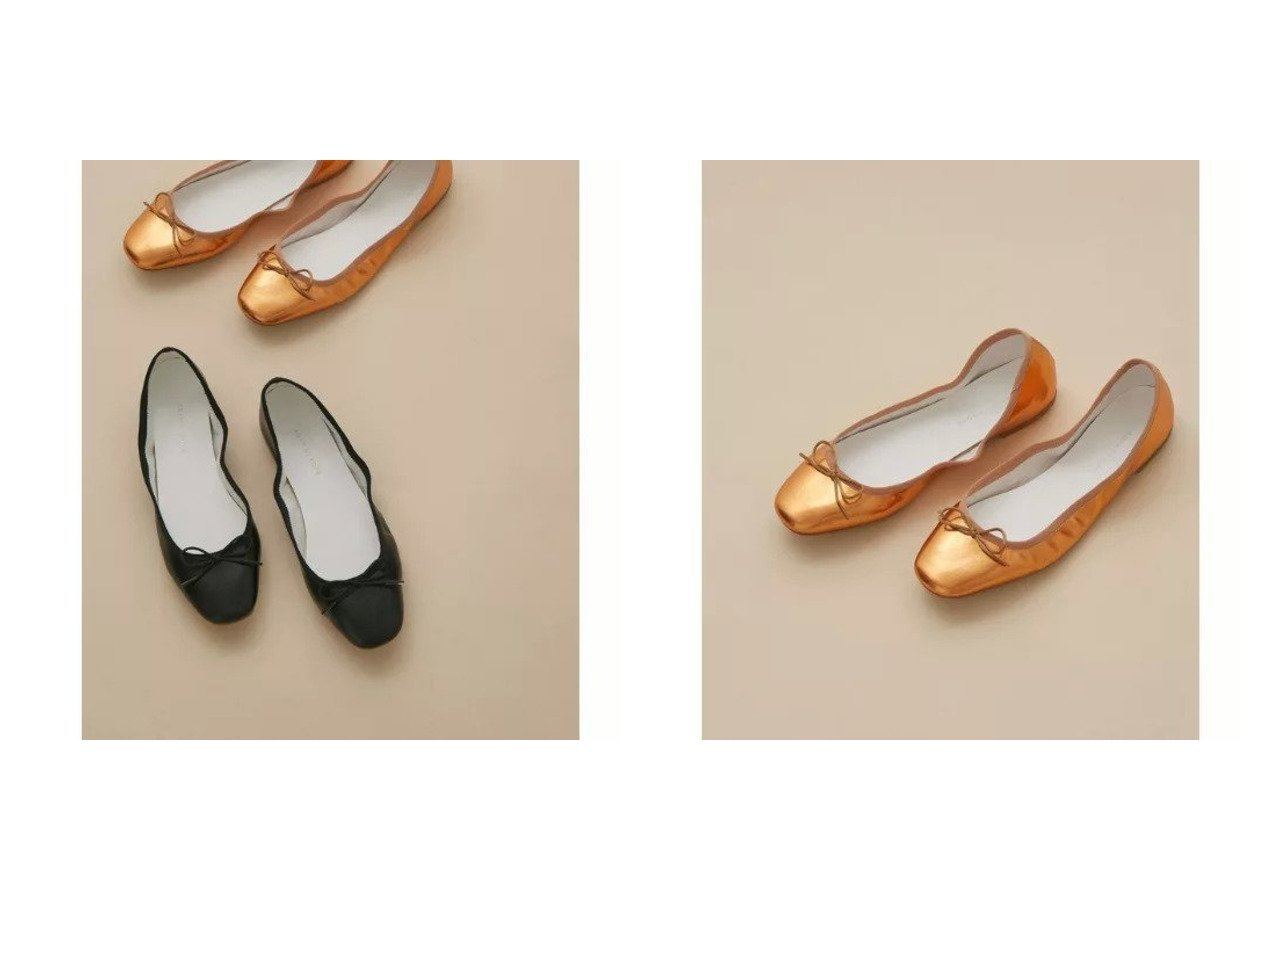 【Adam et Rope/アダム エ ロペ】のメタリックバレエシューズ シューズ・靴のおすすめ!人気、トレンド・レディースファッションの通販 おすすめで人気の流行・トレンド、ファッションの通販商品 メンズファッション・キッズファッション・インテリア・家具・レディースファッション・服の通販 founy(ファニー) https://founy.com/ ファッション Fashion レディースファッション WOMEN 春 Spring シューズ シルバー シンプル 定番 Standard バレエ フラット ブライト メタリック 2021年 2021 2021 春夏 S/S SS Spring/Summer 2021  ID:crp329100000012466